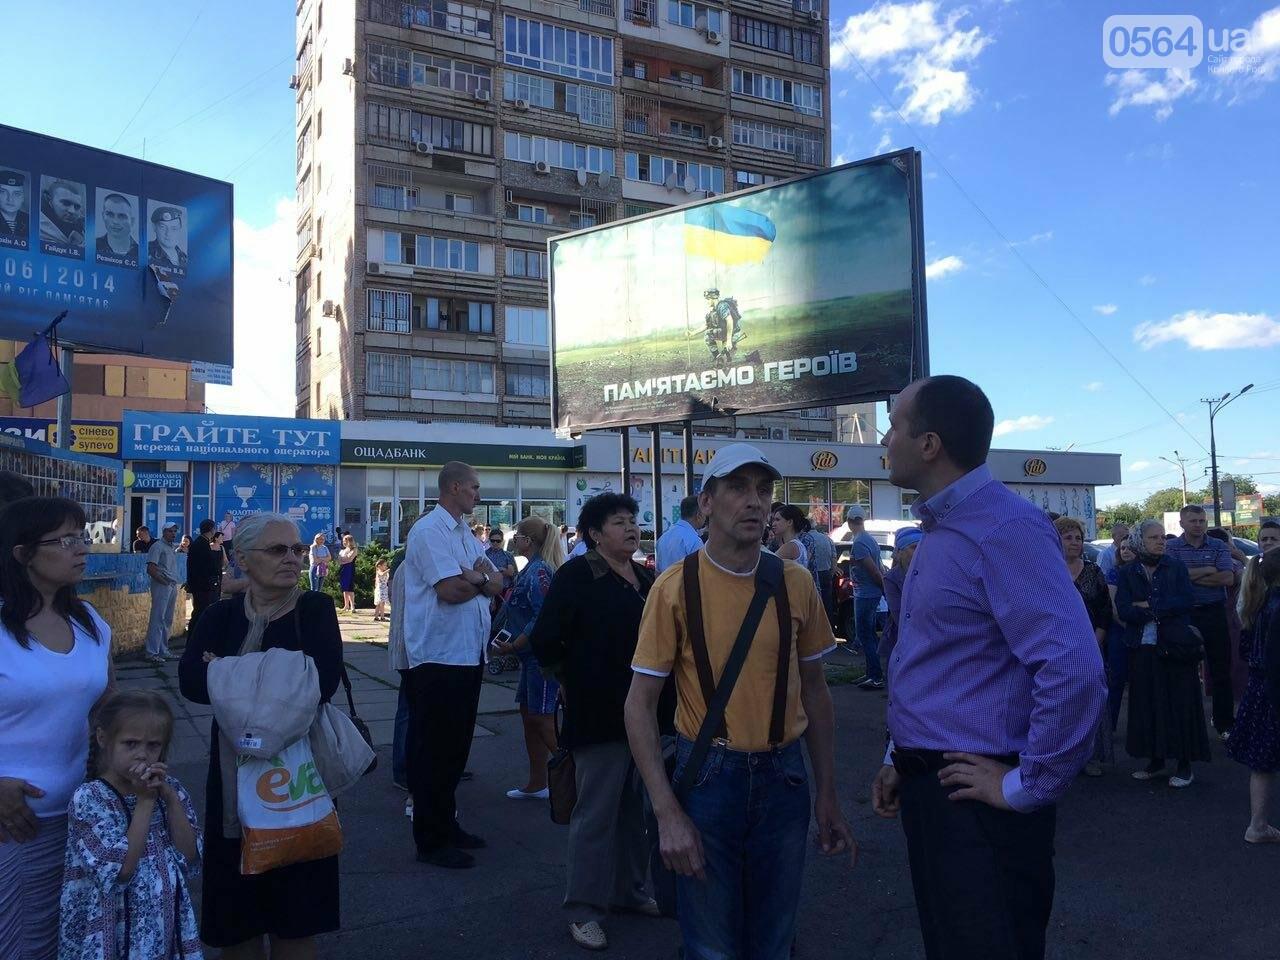 Криворожане собрались на Марш за традиционные семейные ценности, - ФОТО, ПРЯМОЙ ЭФИР, фото-22